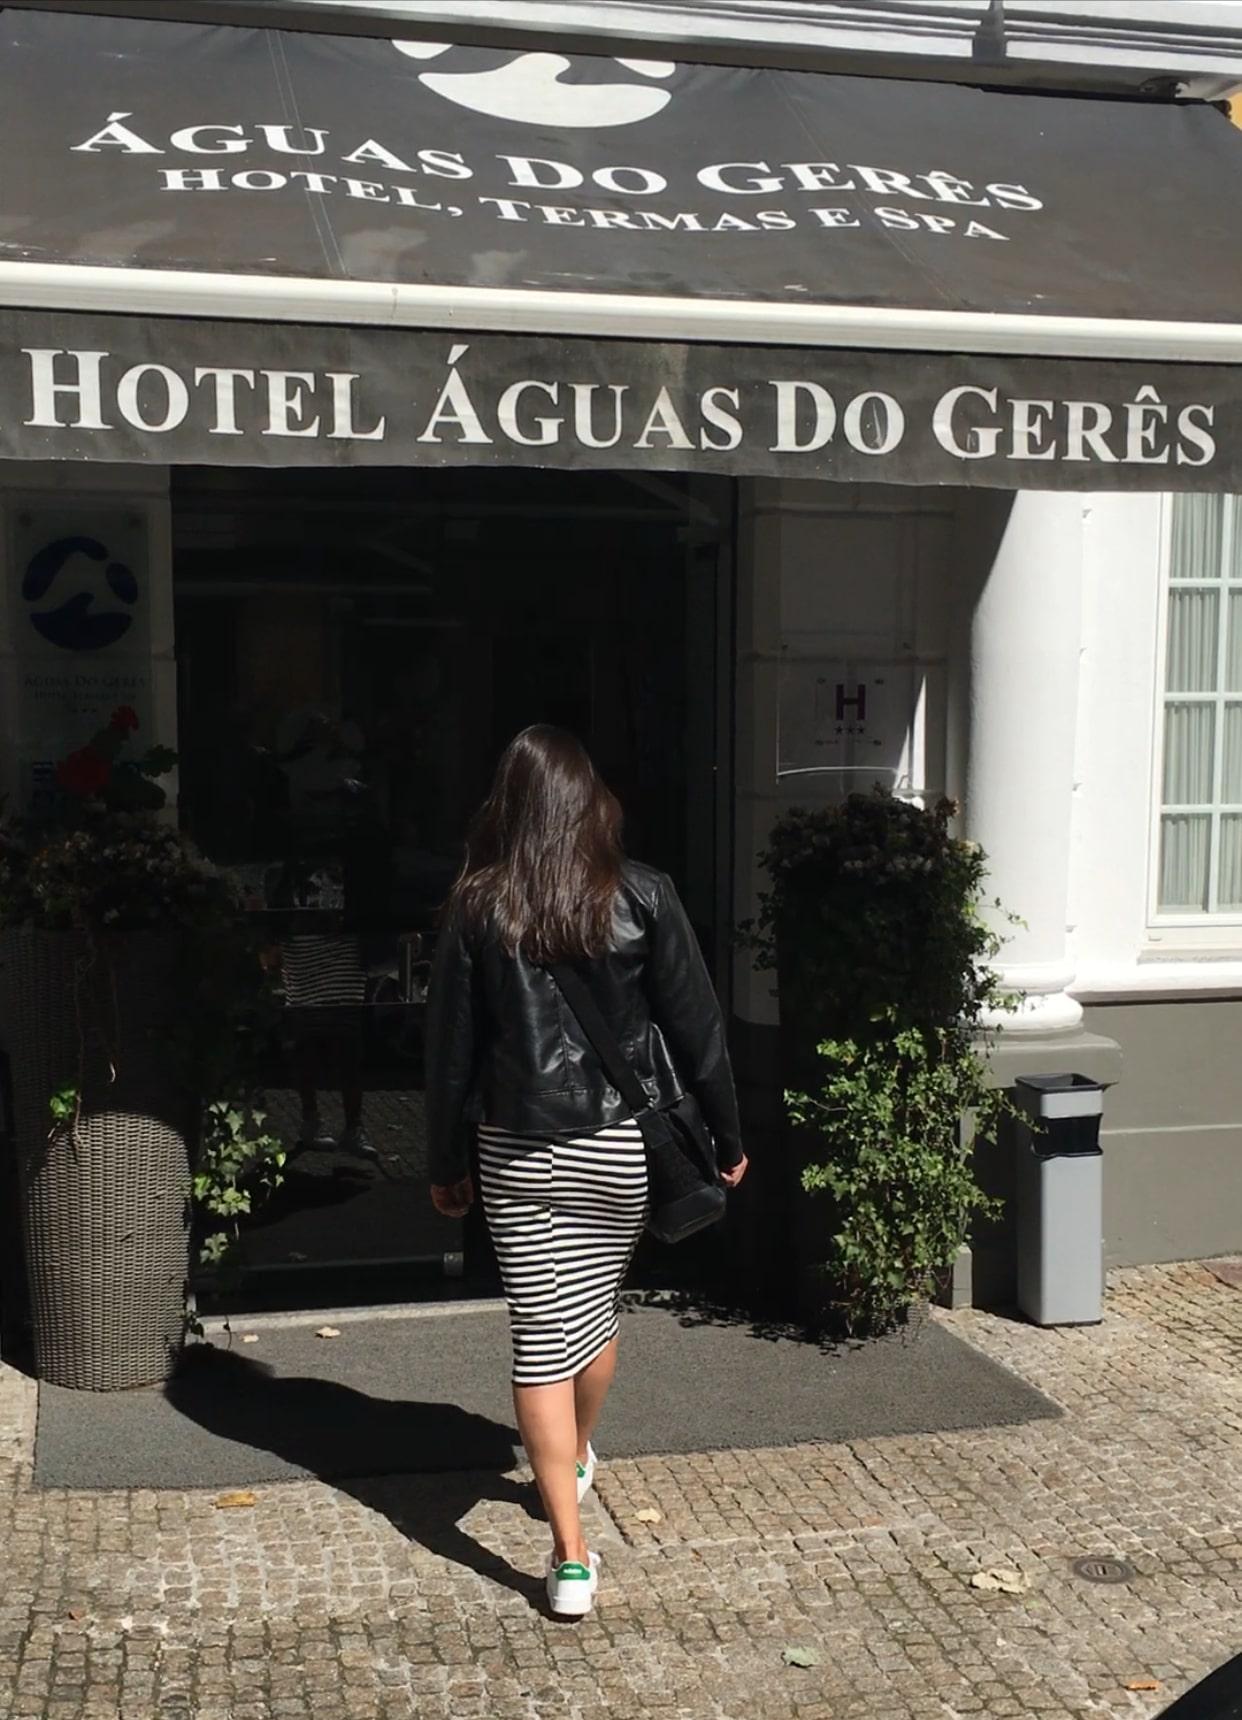 Hotel Águas do Gerês